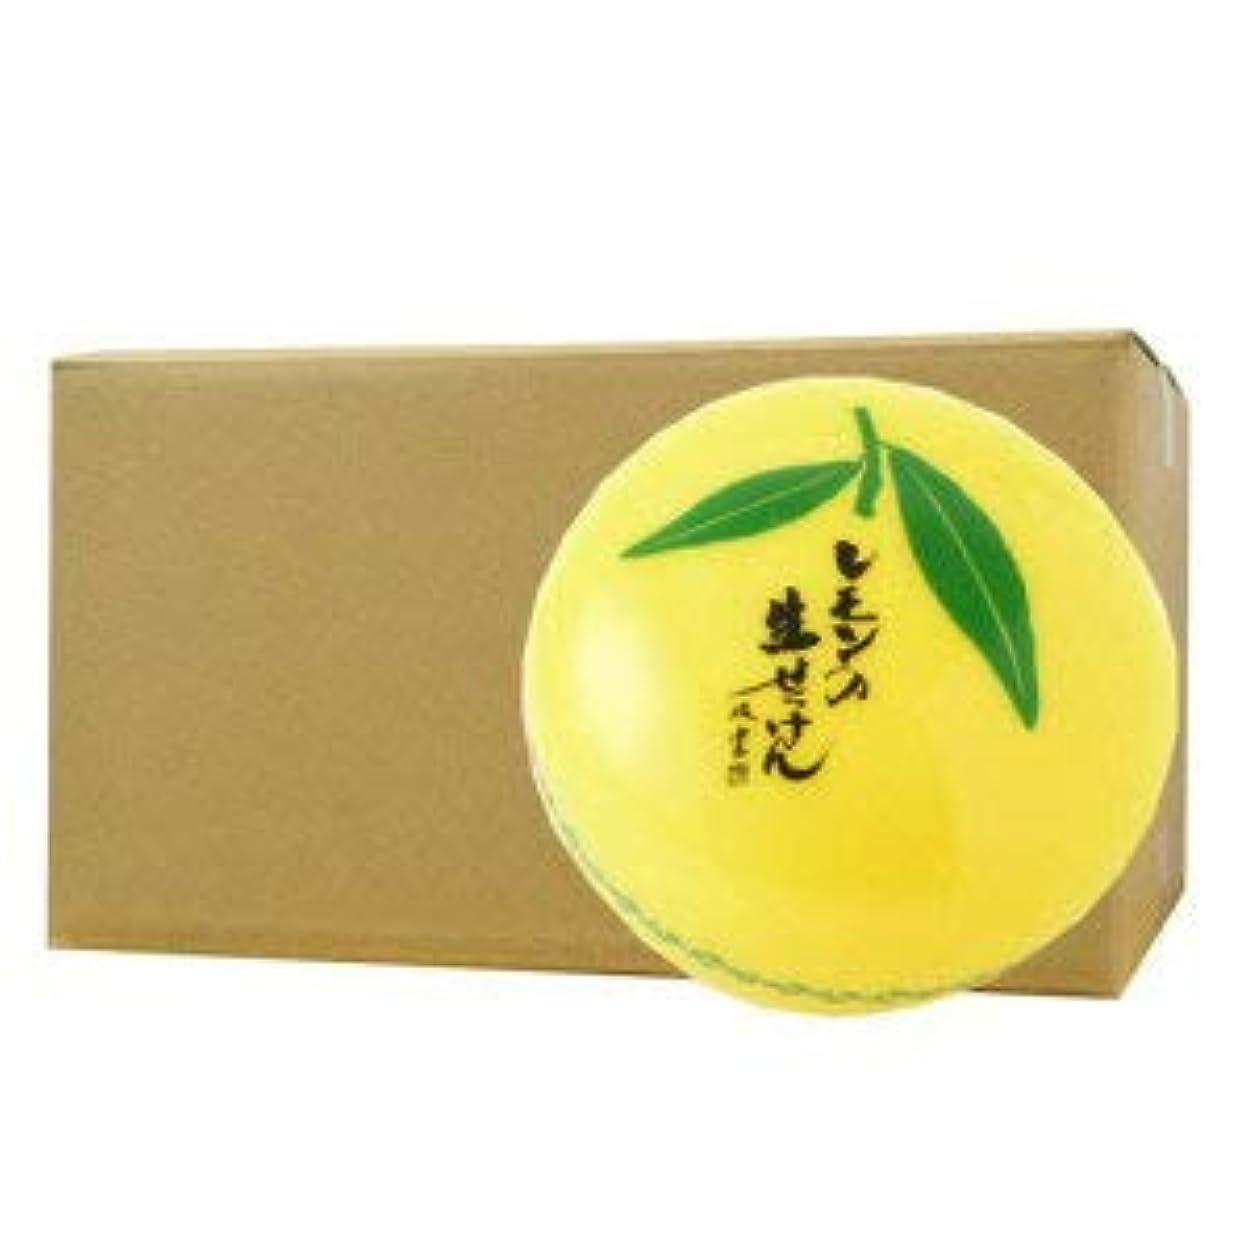 パワー昇る伝記UYEKI美香柑レモンの生せっけん50g×72個セット